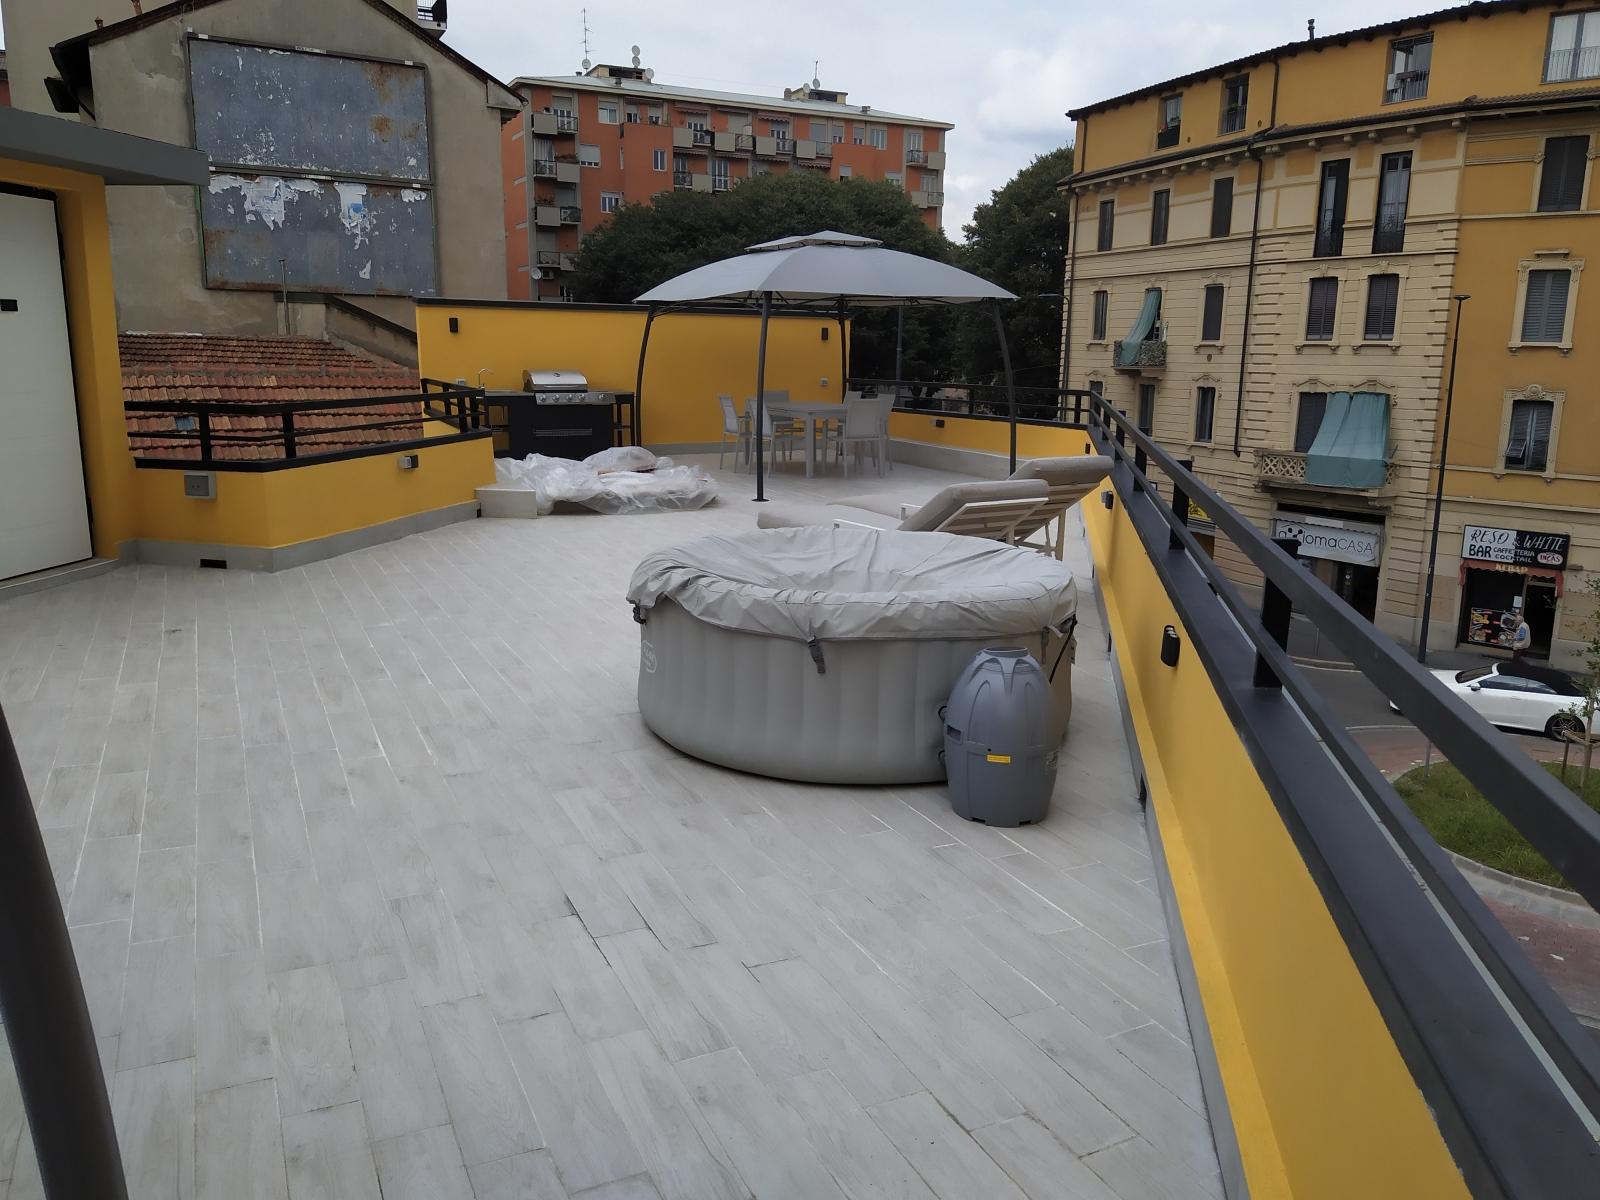 appartamento-in-vendita-milano-bovisa-piazza-dergano-3-locali-con-terrazzo-spaziourbano-immobiliare-vende-19